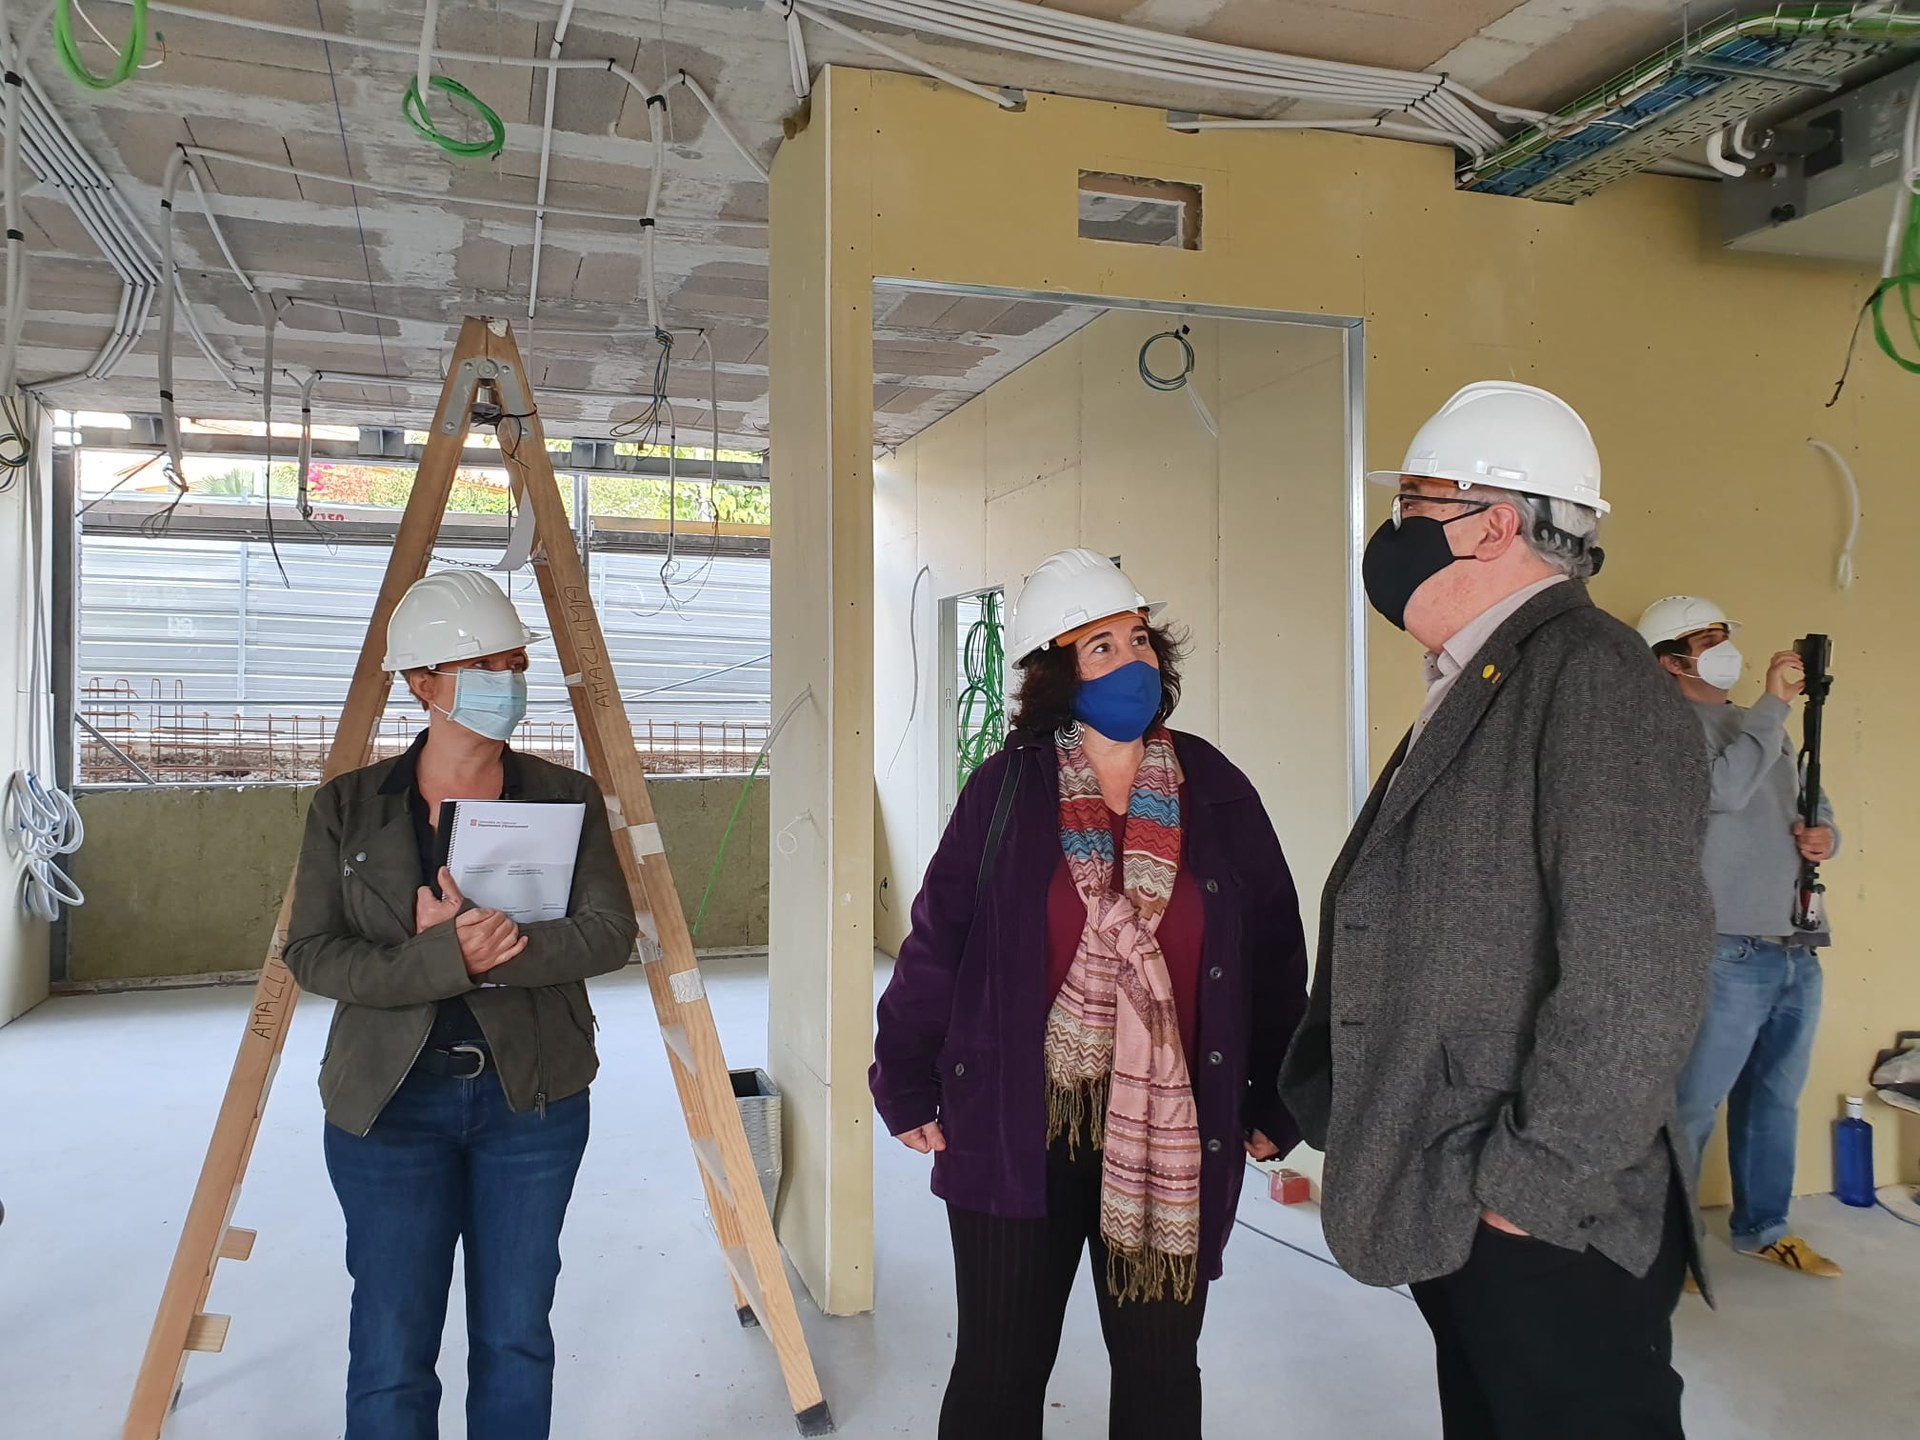 Les obres de construcció de l'escola Agnès de Sitges finalitzaran al mes de març